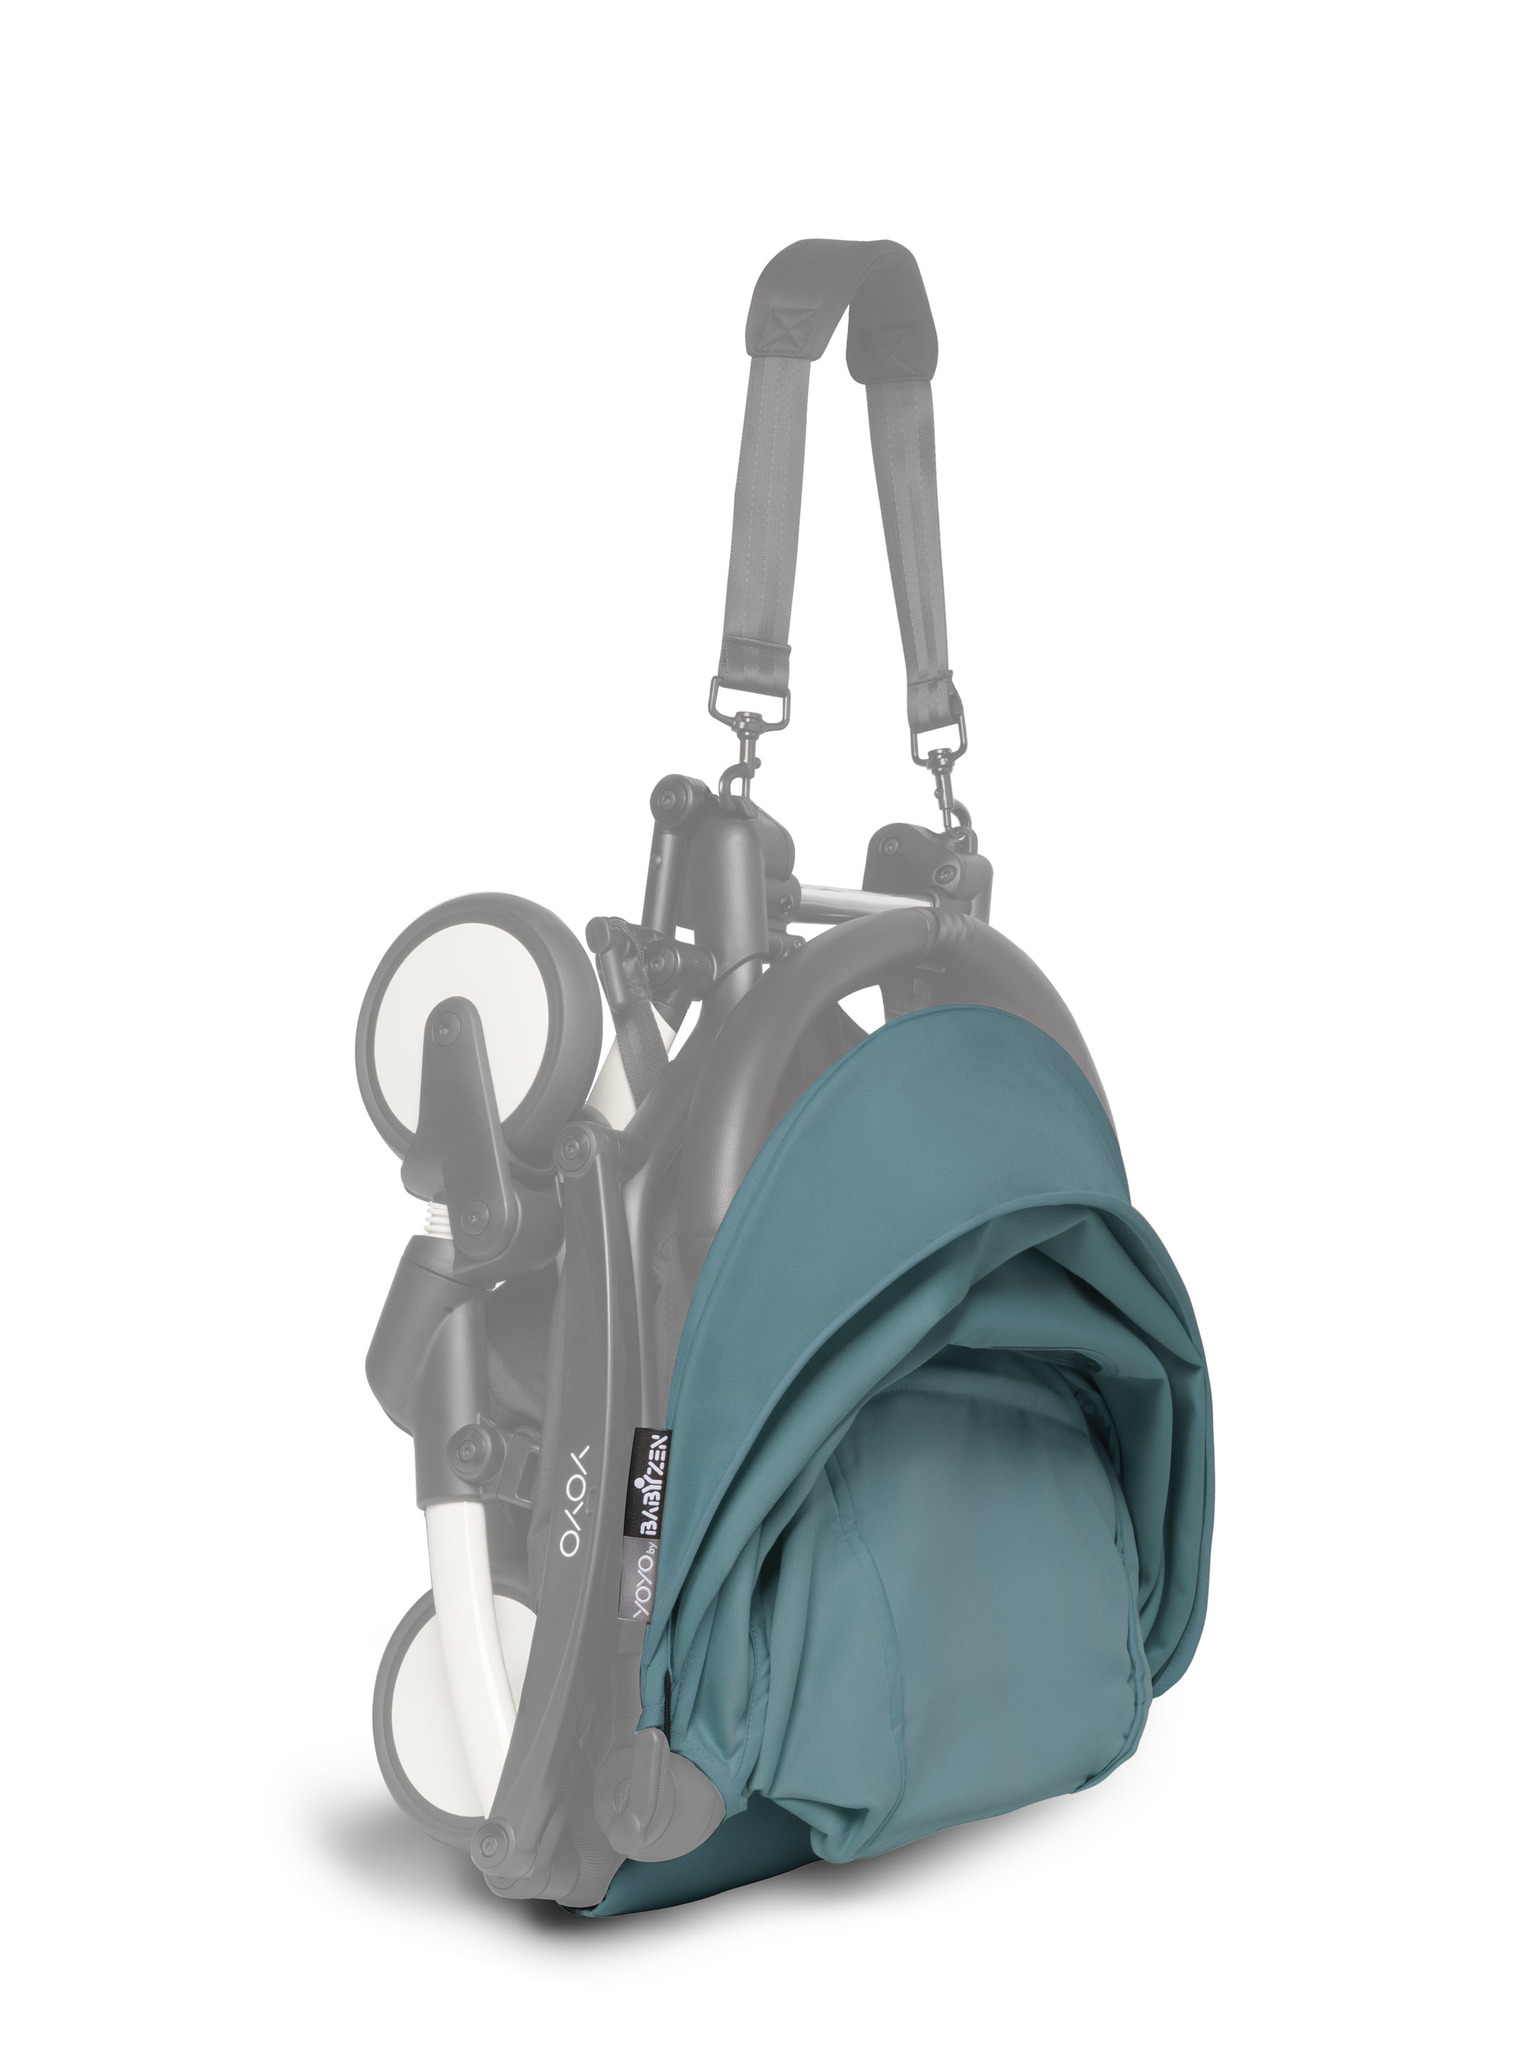 Текстиль сменный для колясок YoYo 6+ Aqua Аква